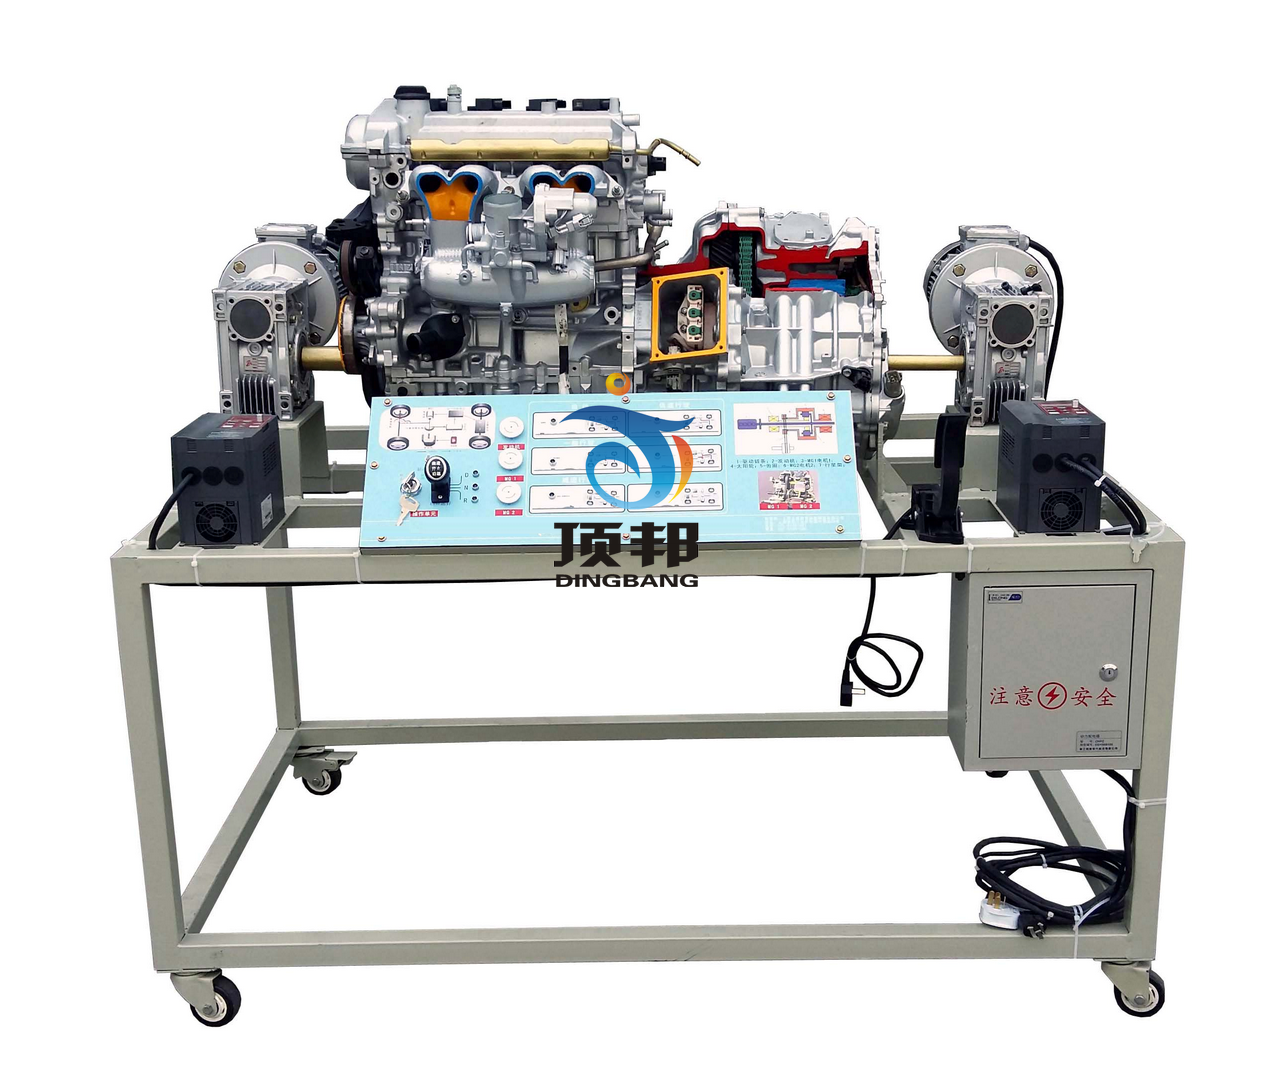 丰田普锐斯混联式混合动力系统解剖演示台